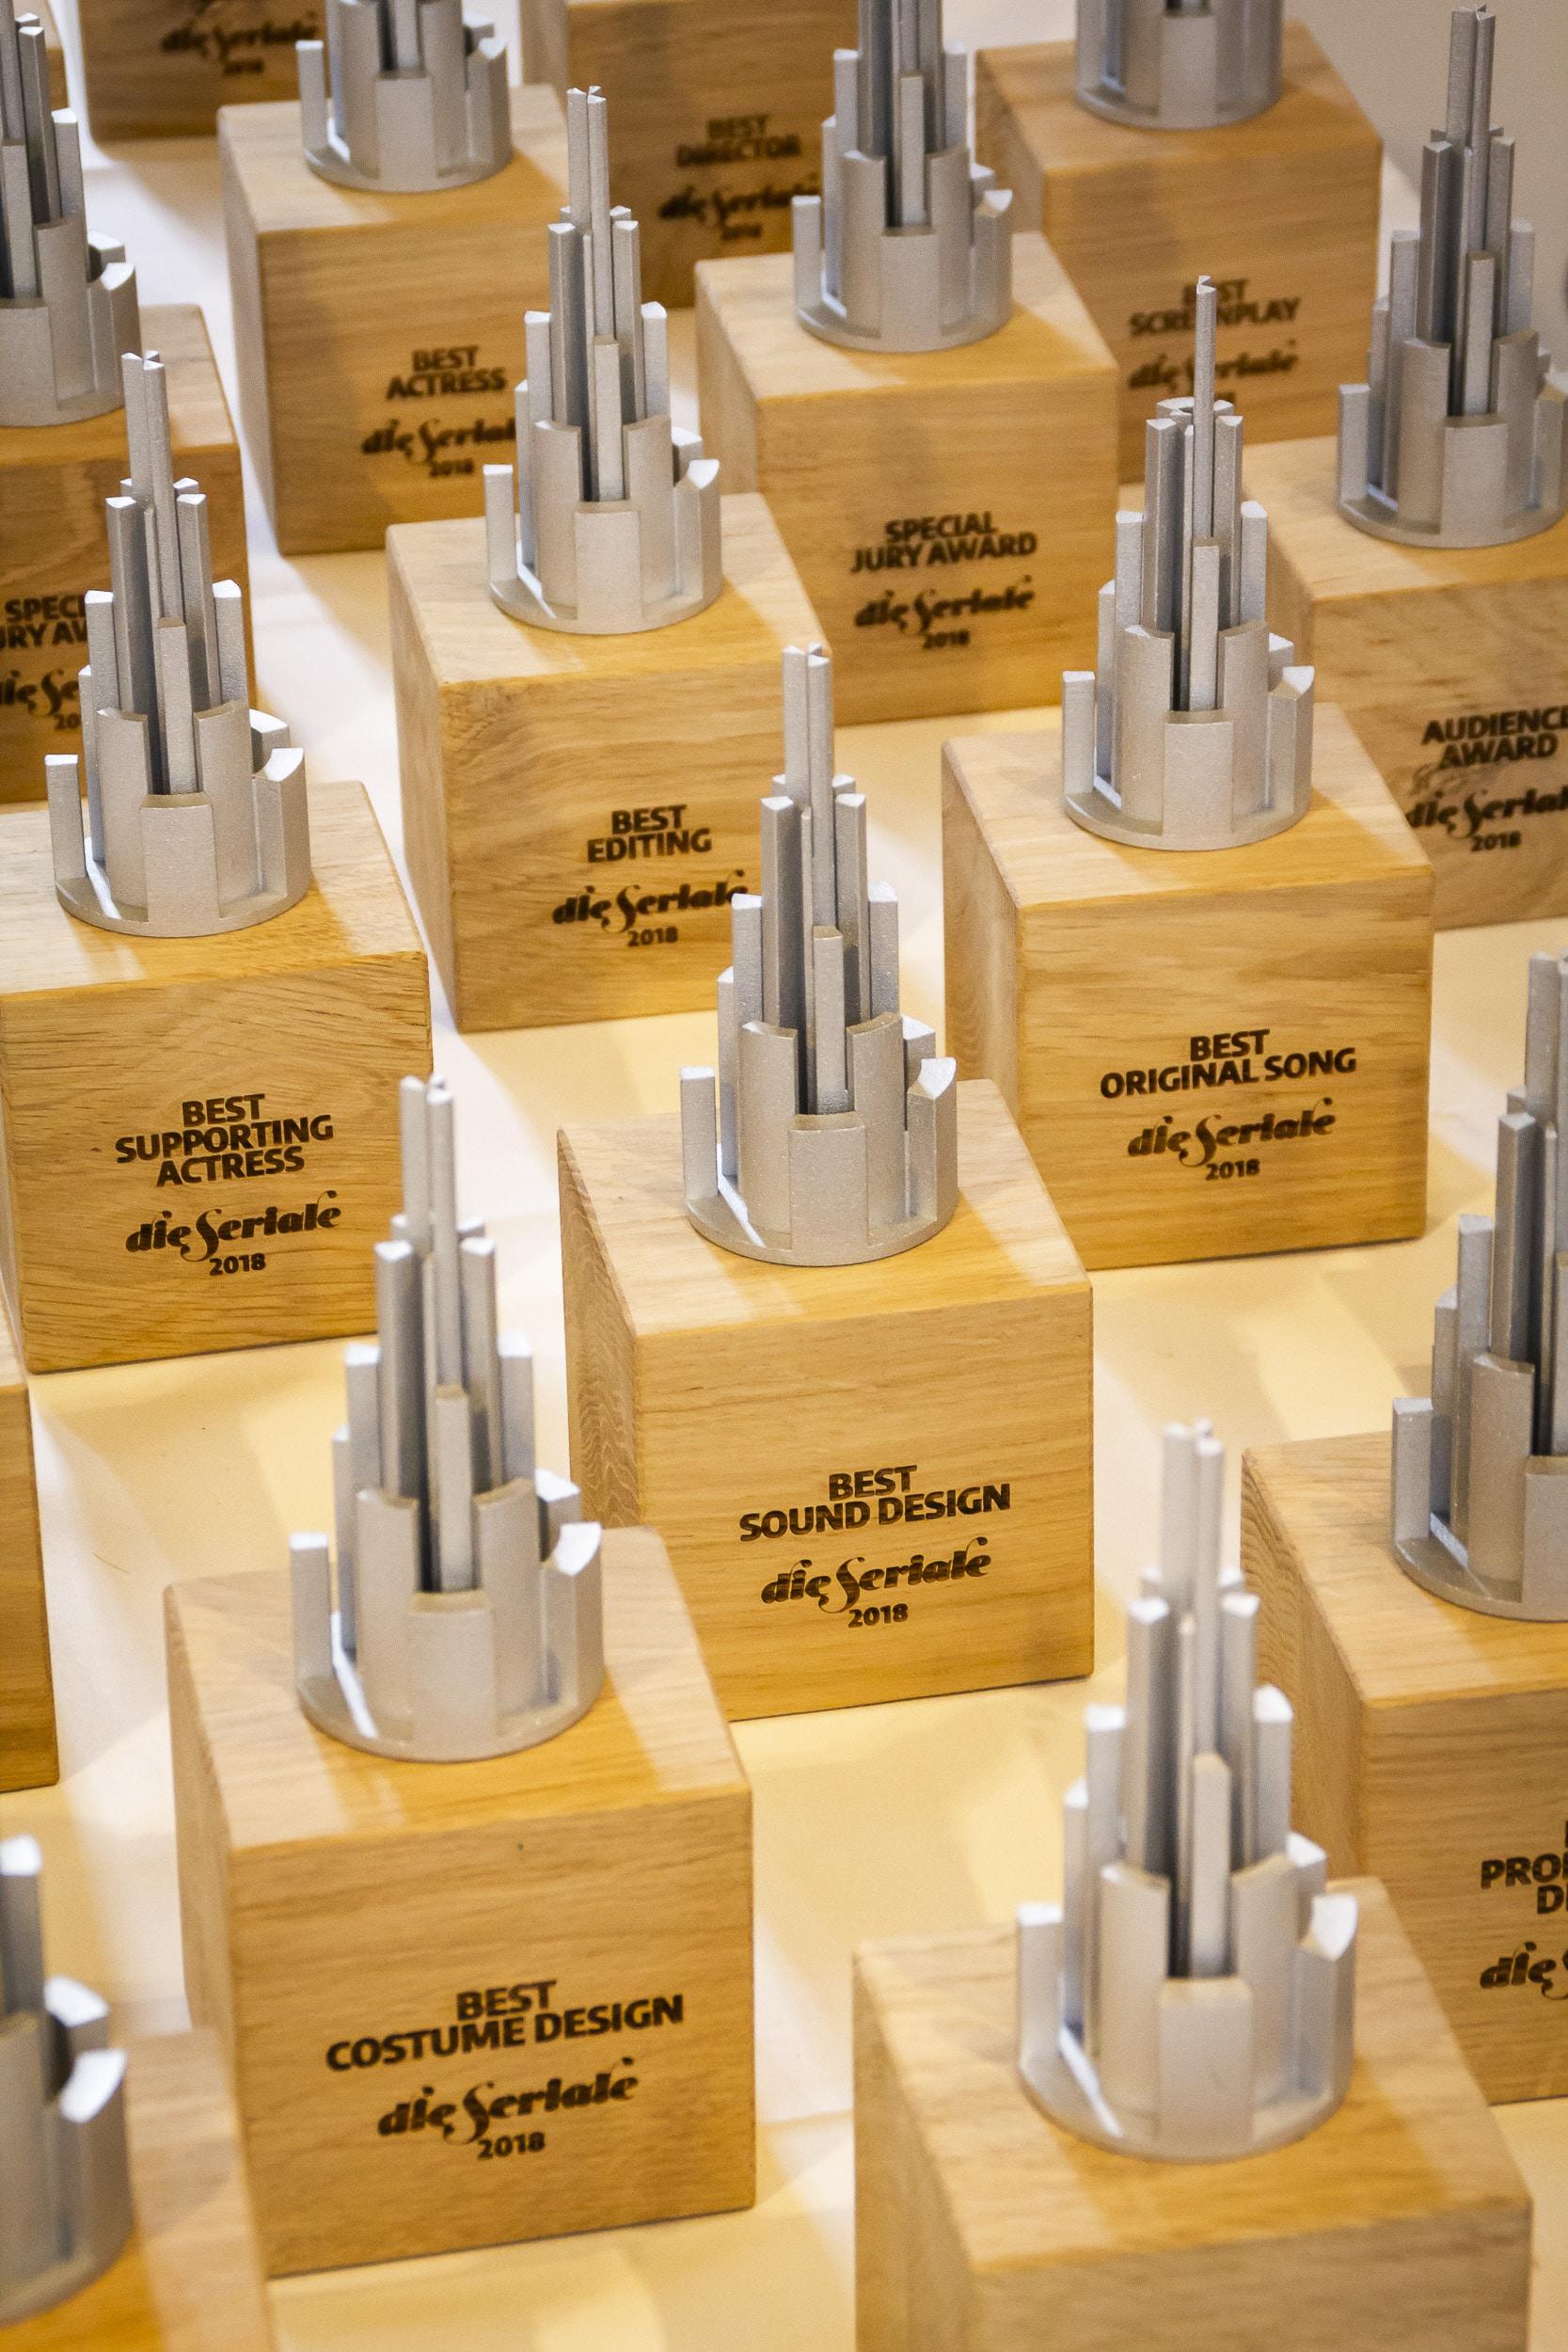 Die Seriale awards - pic by Ralf Hofacker